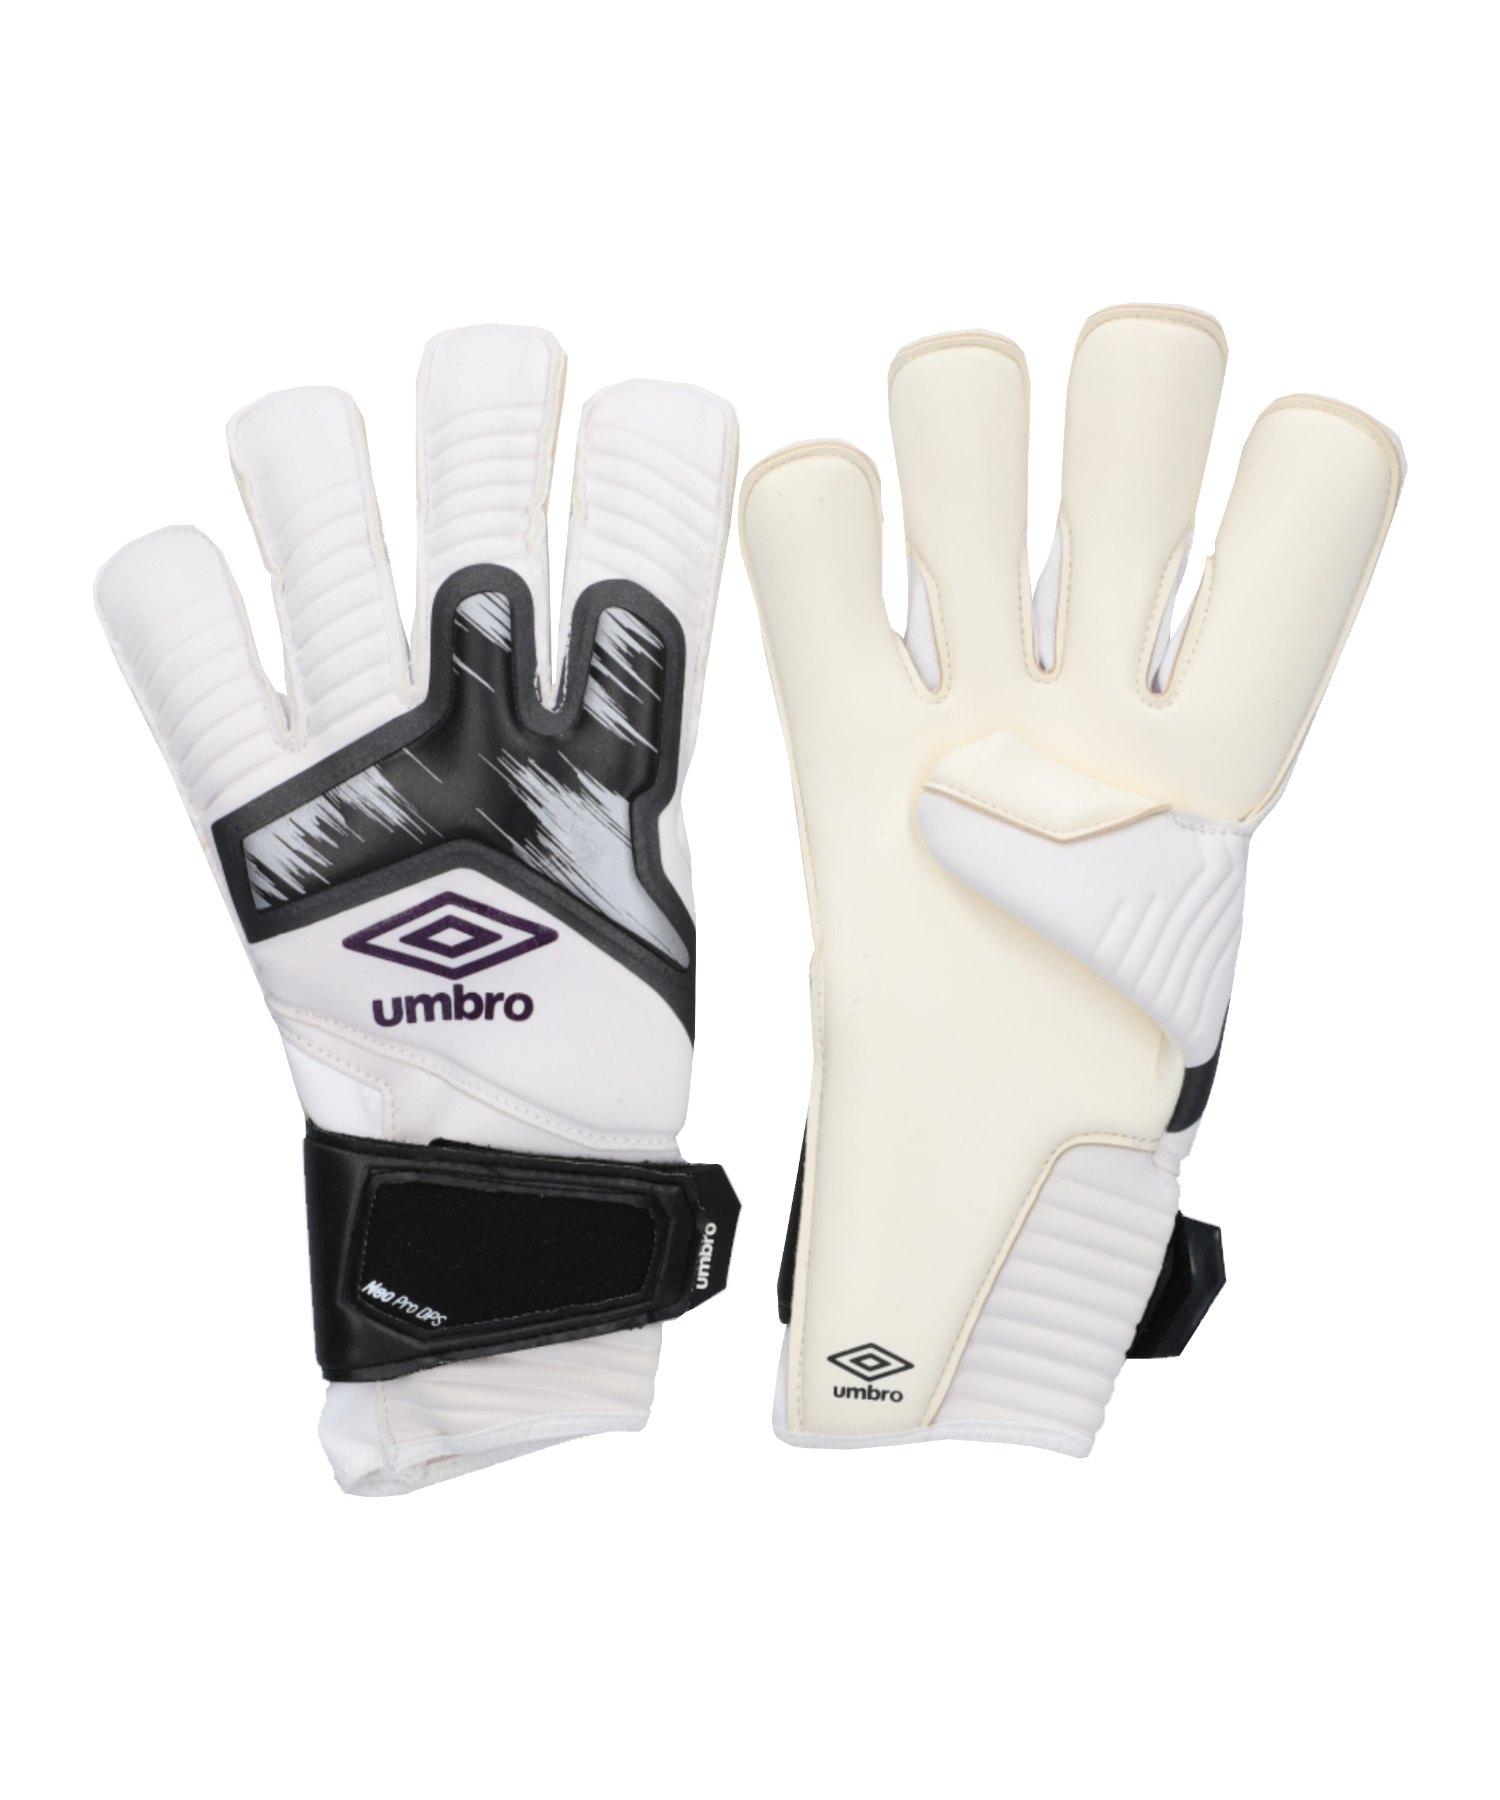 Umbro Neo Pro Rollfinger DPS TW-Handschuh FHPQ - Weiss